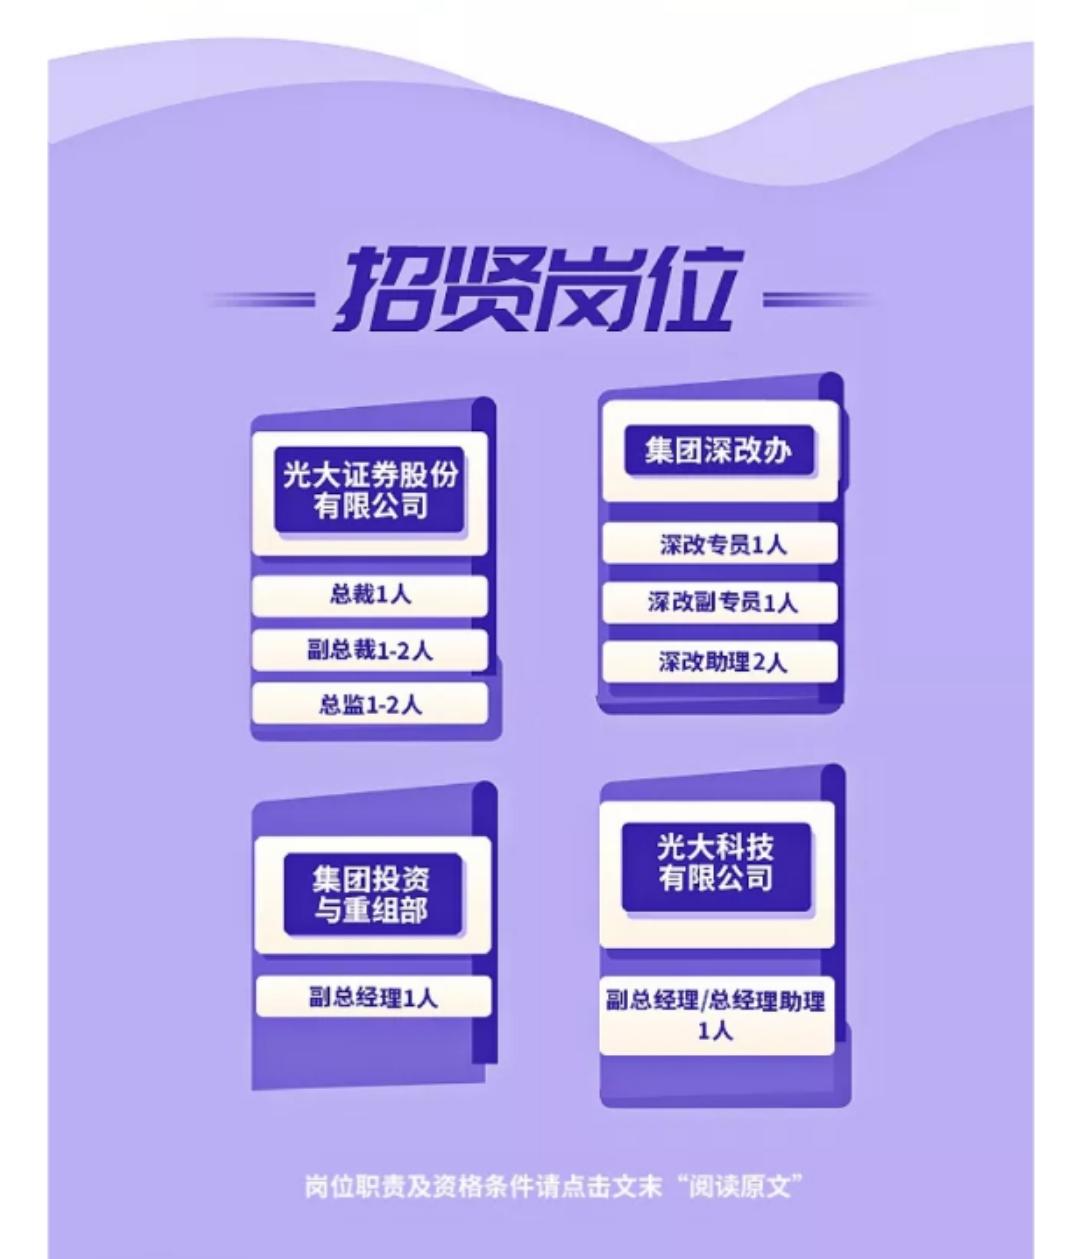 http://www.k2summit.cn/junshijunmi/1175244.html